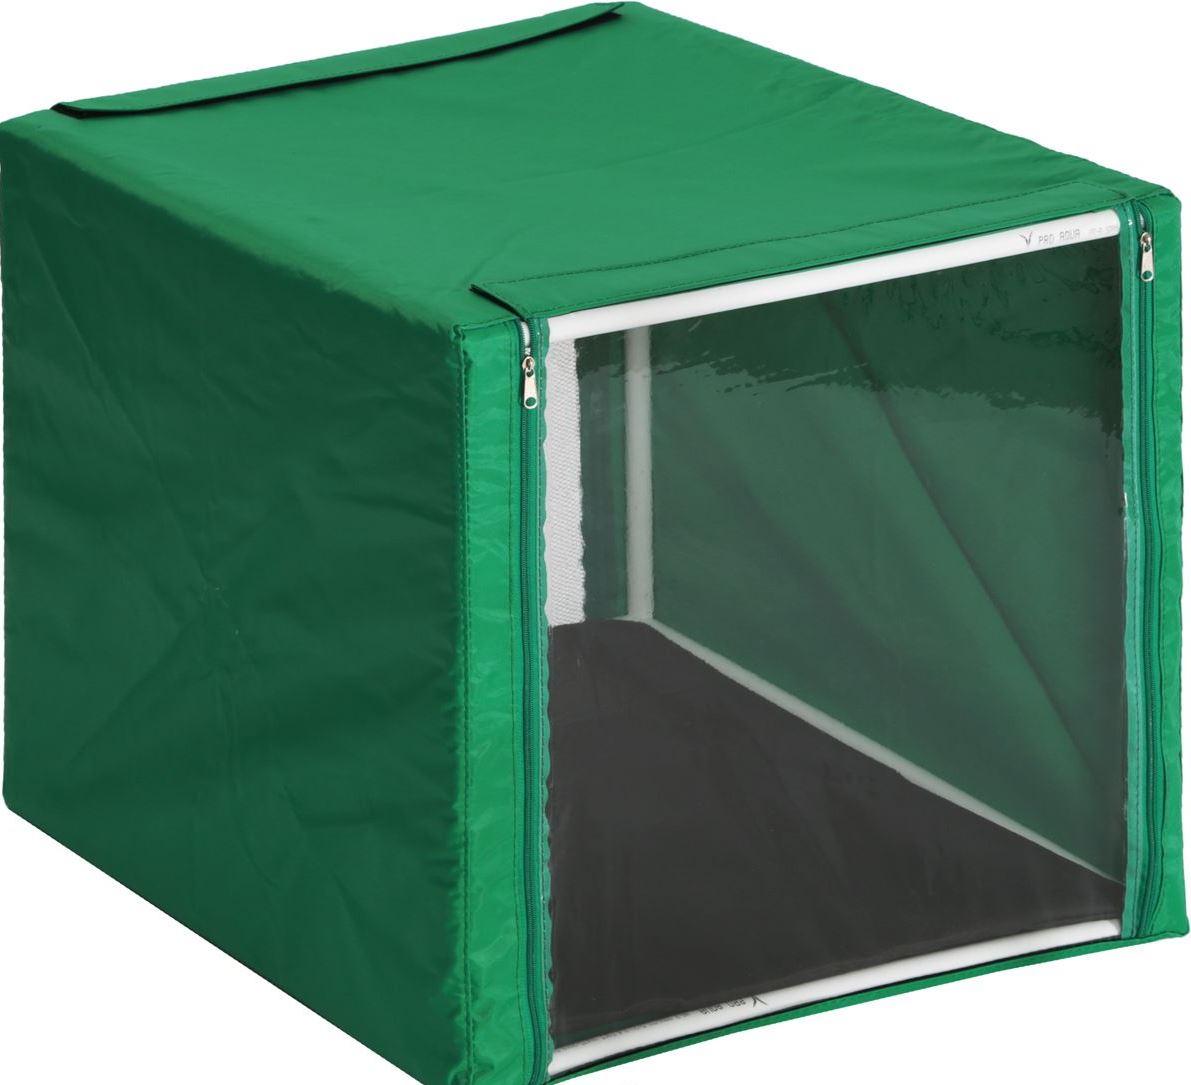 Клетка для животных Заря-Плюс КВР1, зеленый палатка greenell виржиния 6 плюс green